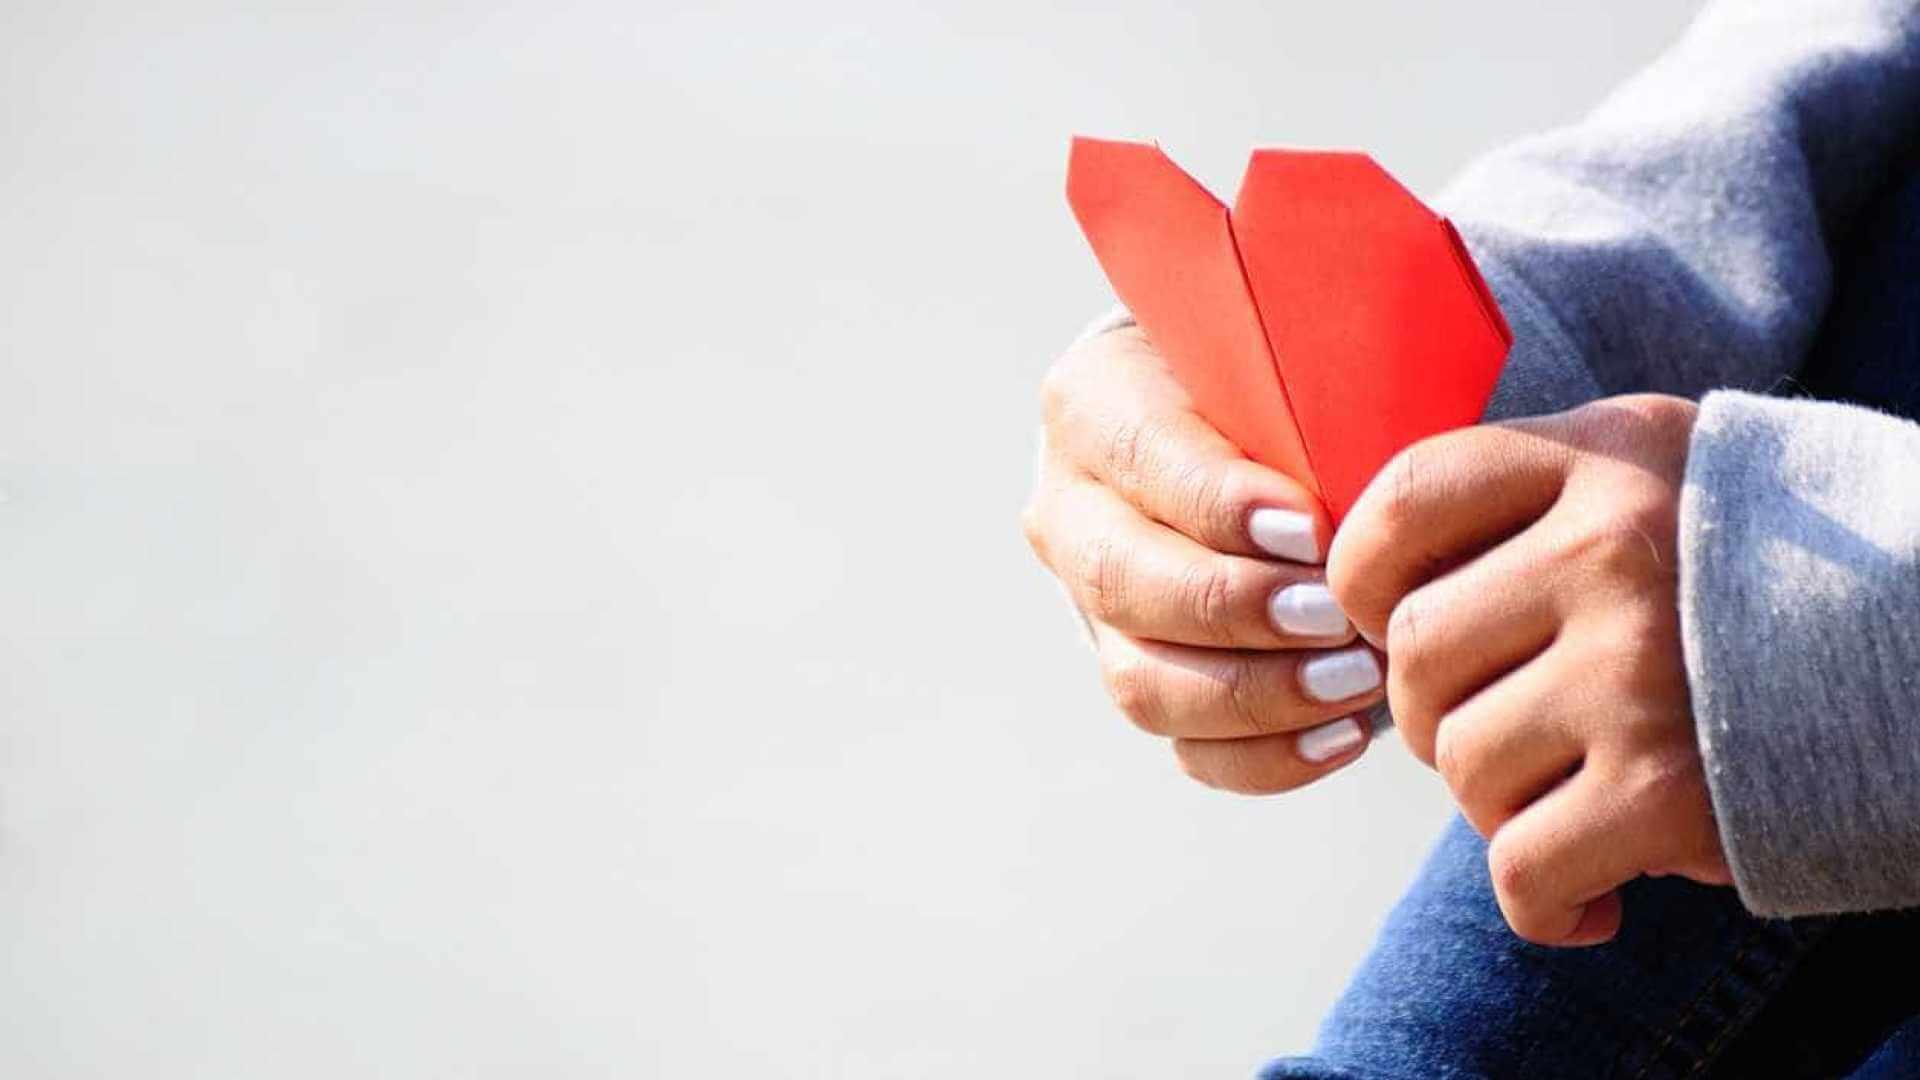 Esses São Os 7 Mitos Do Amor Que Você Deve Esquecer De Uma Vez Por Todas